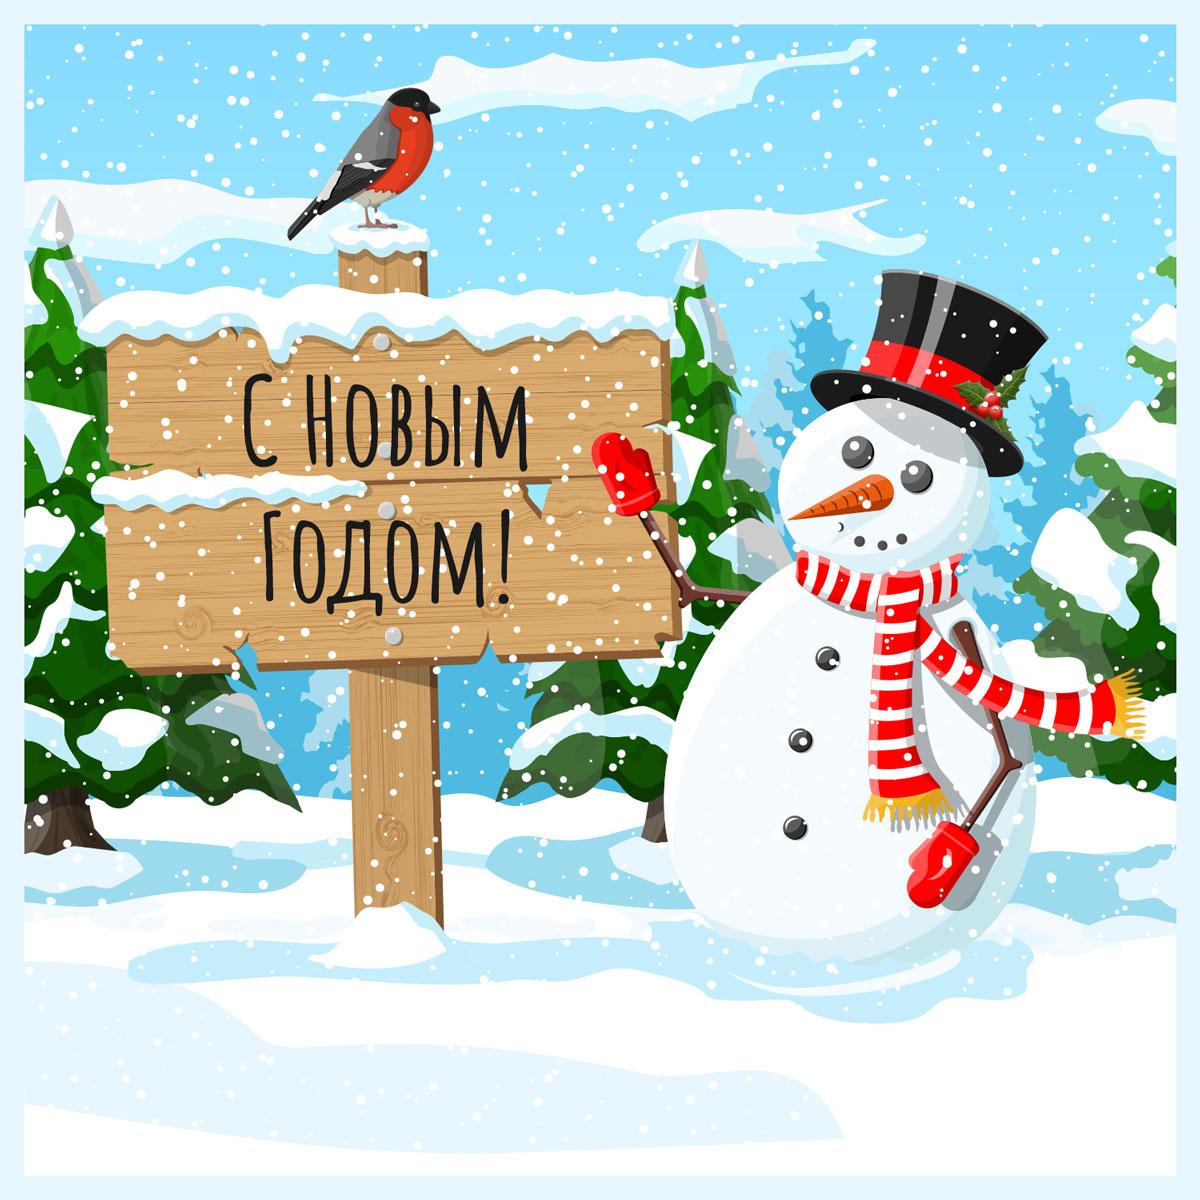 Снеговик в шляпе и птичка на деревянной вывеске.